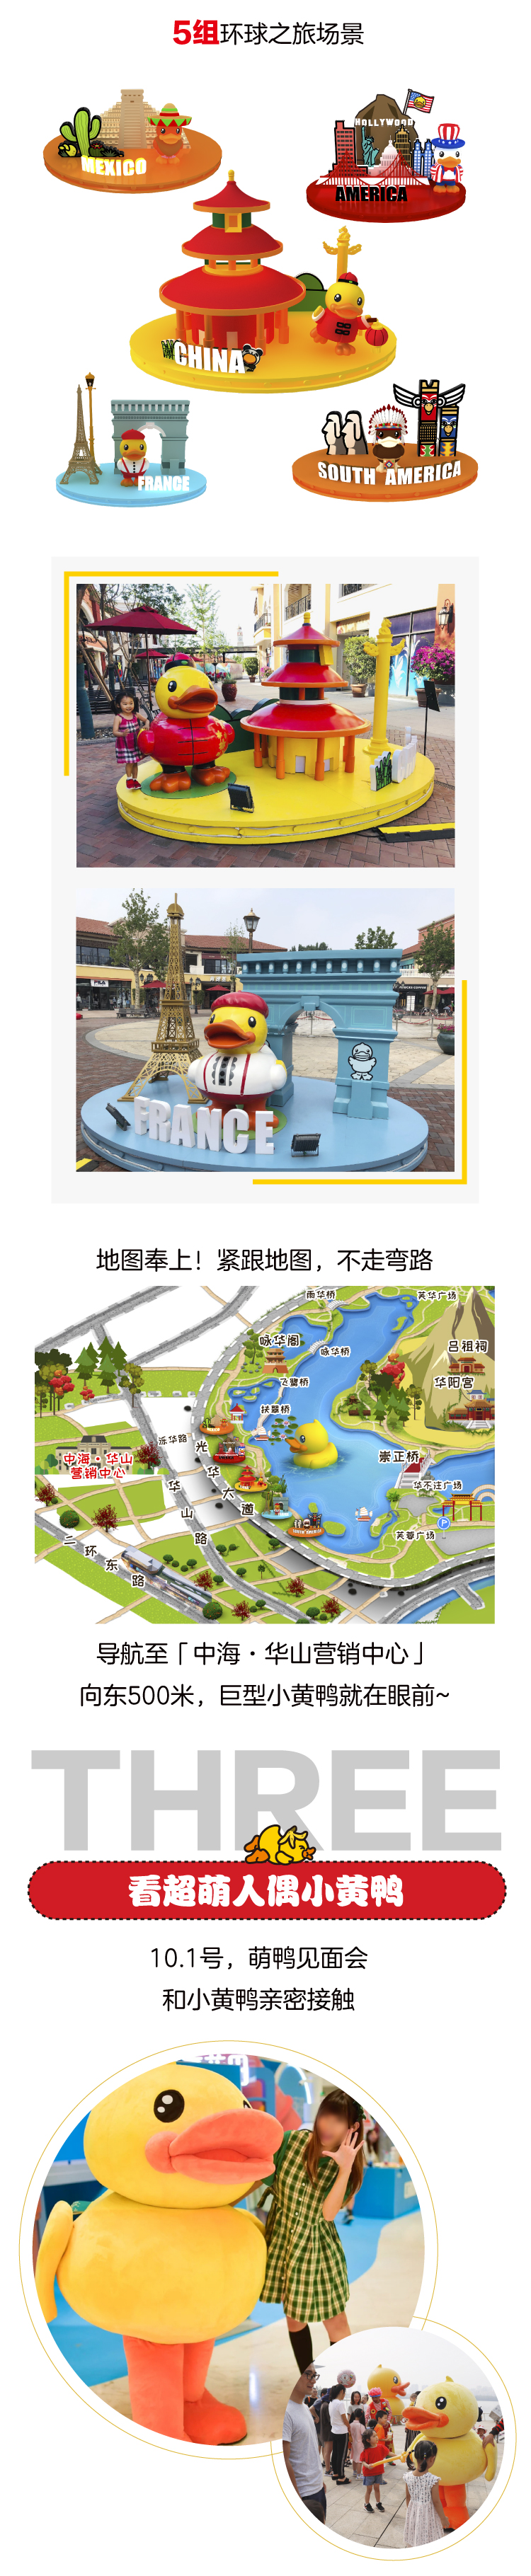 小黄鸭来了!中海华山国际儿童嘉年华小黄鸭环球主题乐园十一假期开园-中国网地产